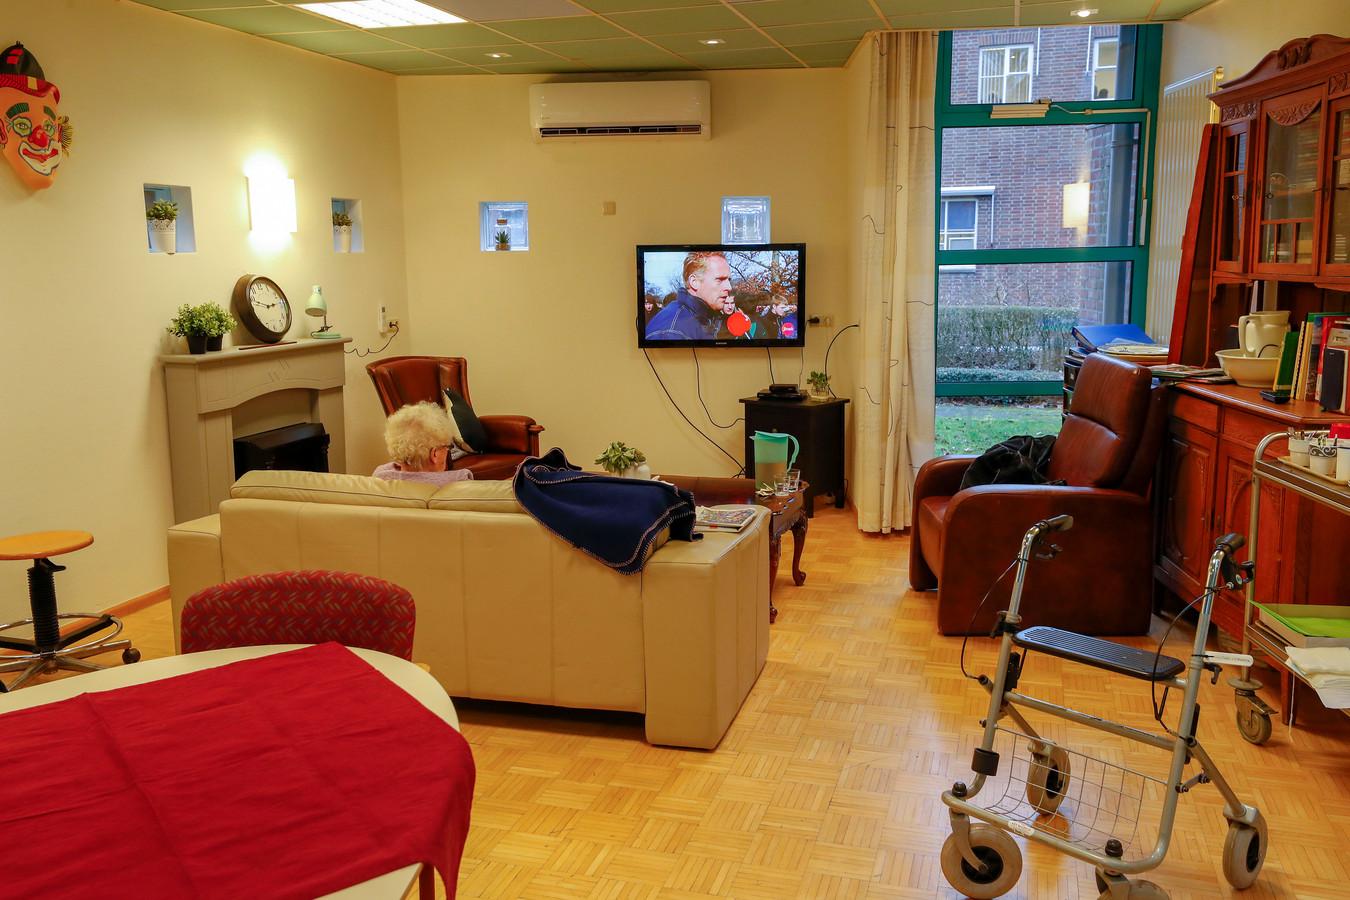 Een huiskamer in verpleeghuis Sint Jozefsheil in Bakel. Dementie is één van de vier psychische aandoeningen in de top tien van meest voorkomende ziekten. Foto ter illustratie